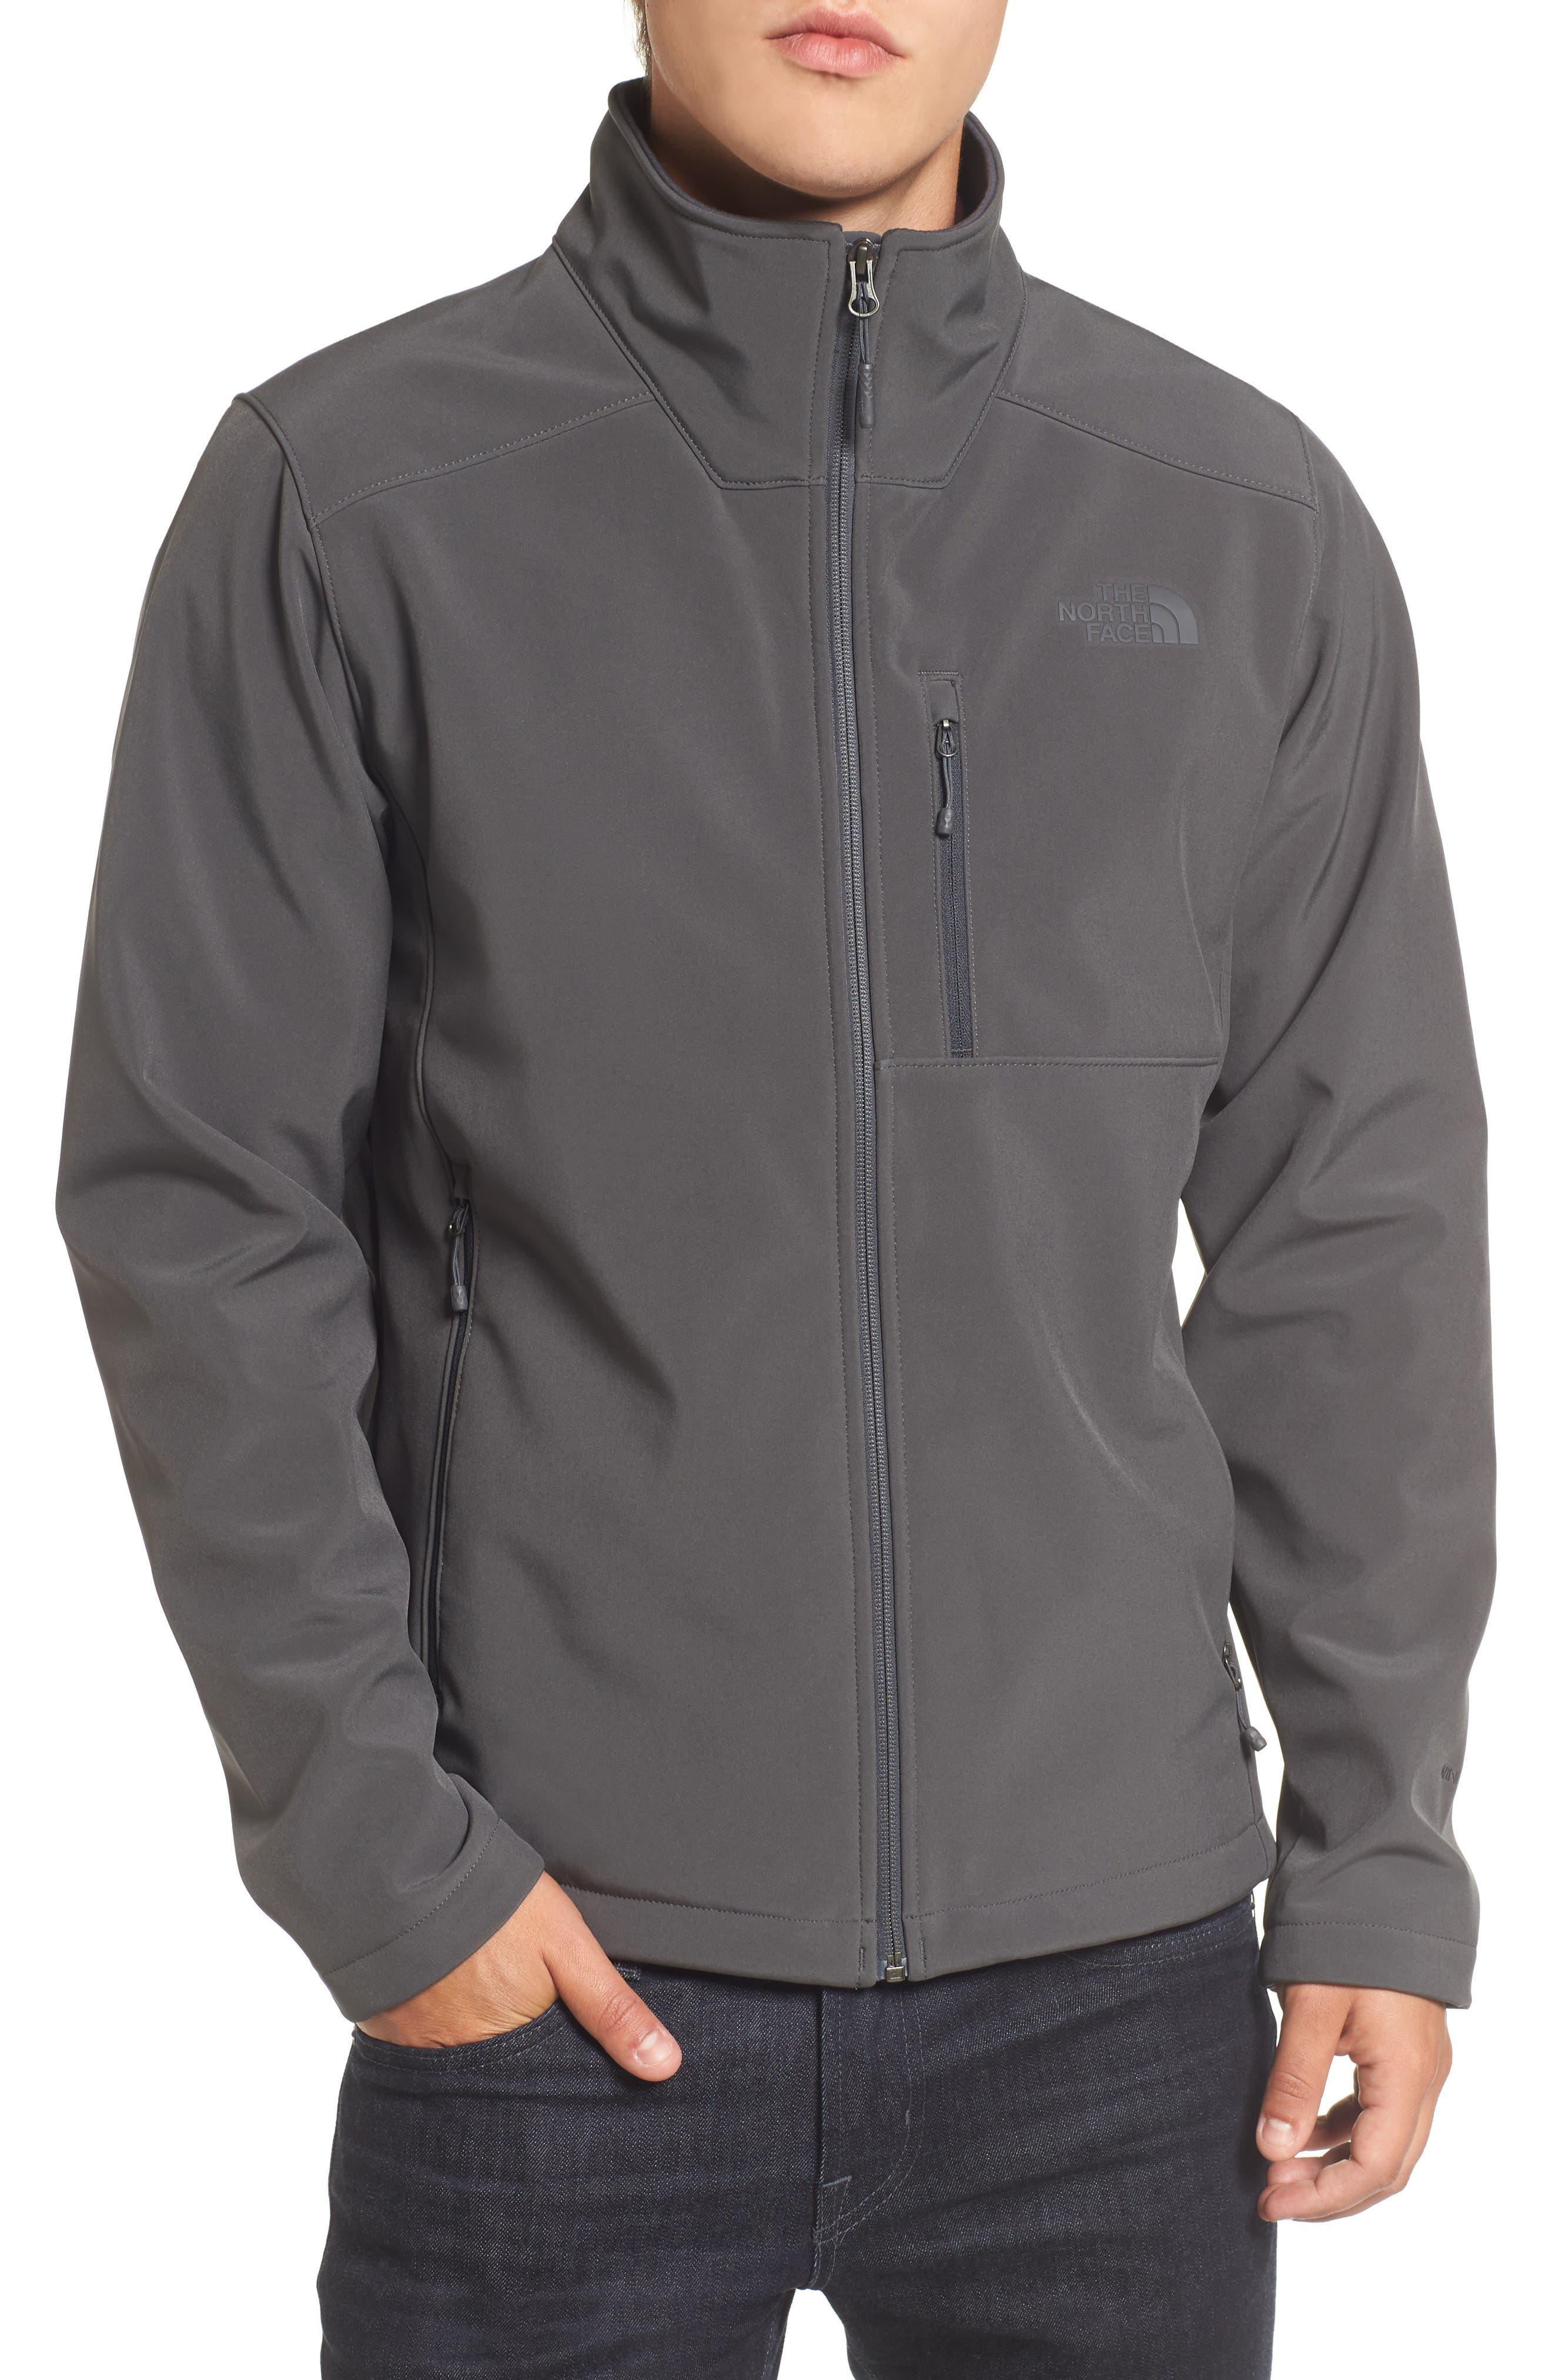 'Apex Bionic 2' Windproof & Water Resistant Soft Shell Jacket,                         Main,                         color, ASPHALT GREY/ASPHALT GREY